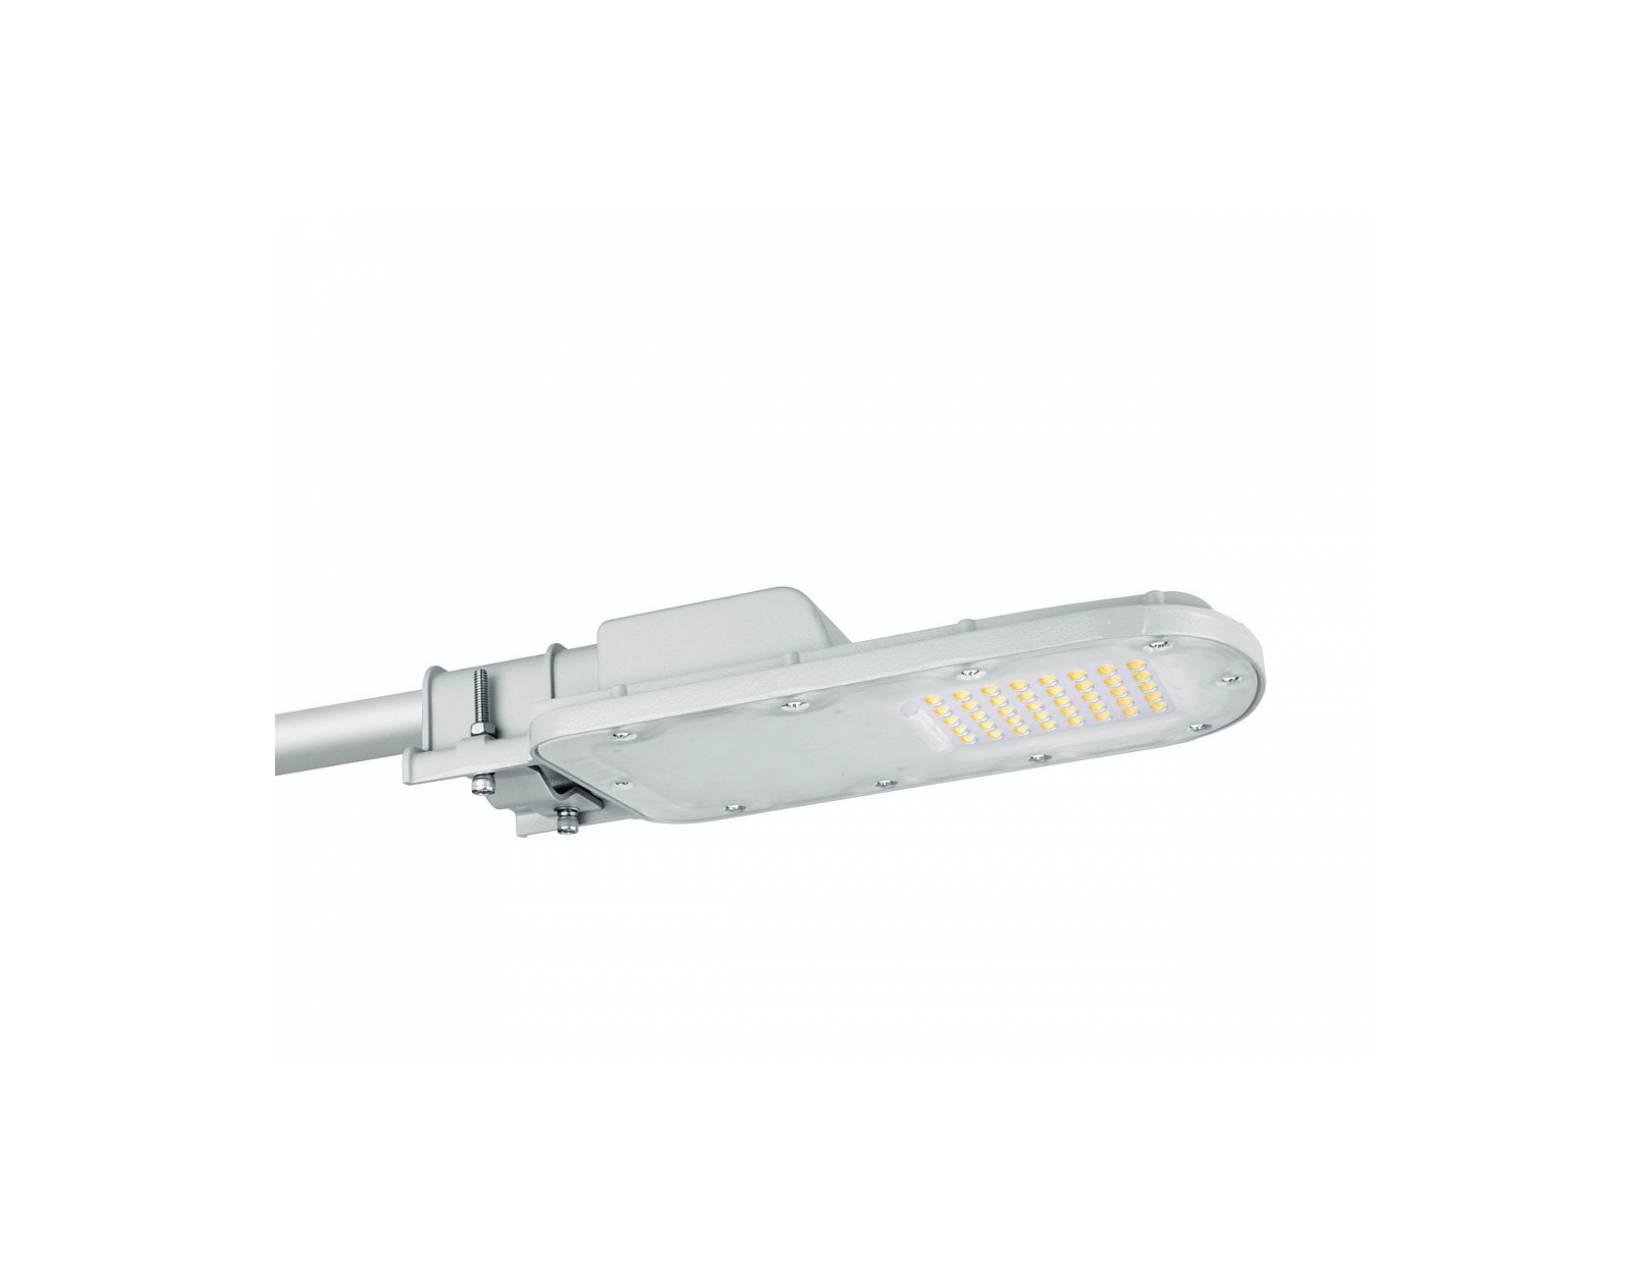 PHILIPS BRP210 LED34/CW 27W 220-240V DW3 MP1 - Lampu Jalan LED